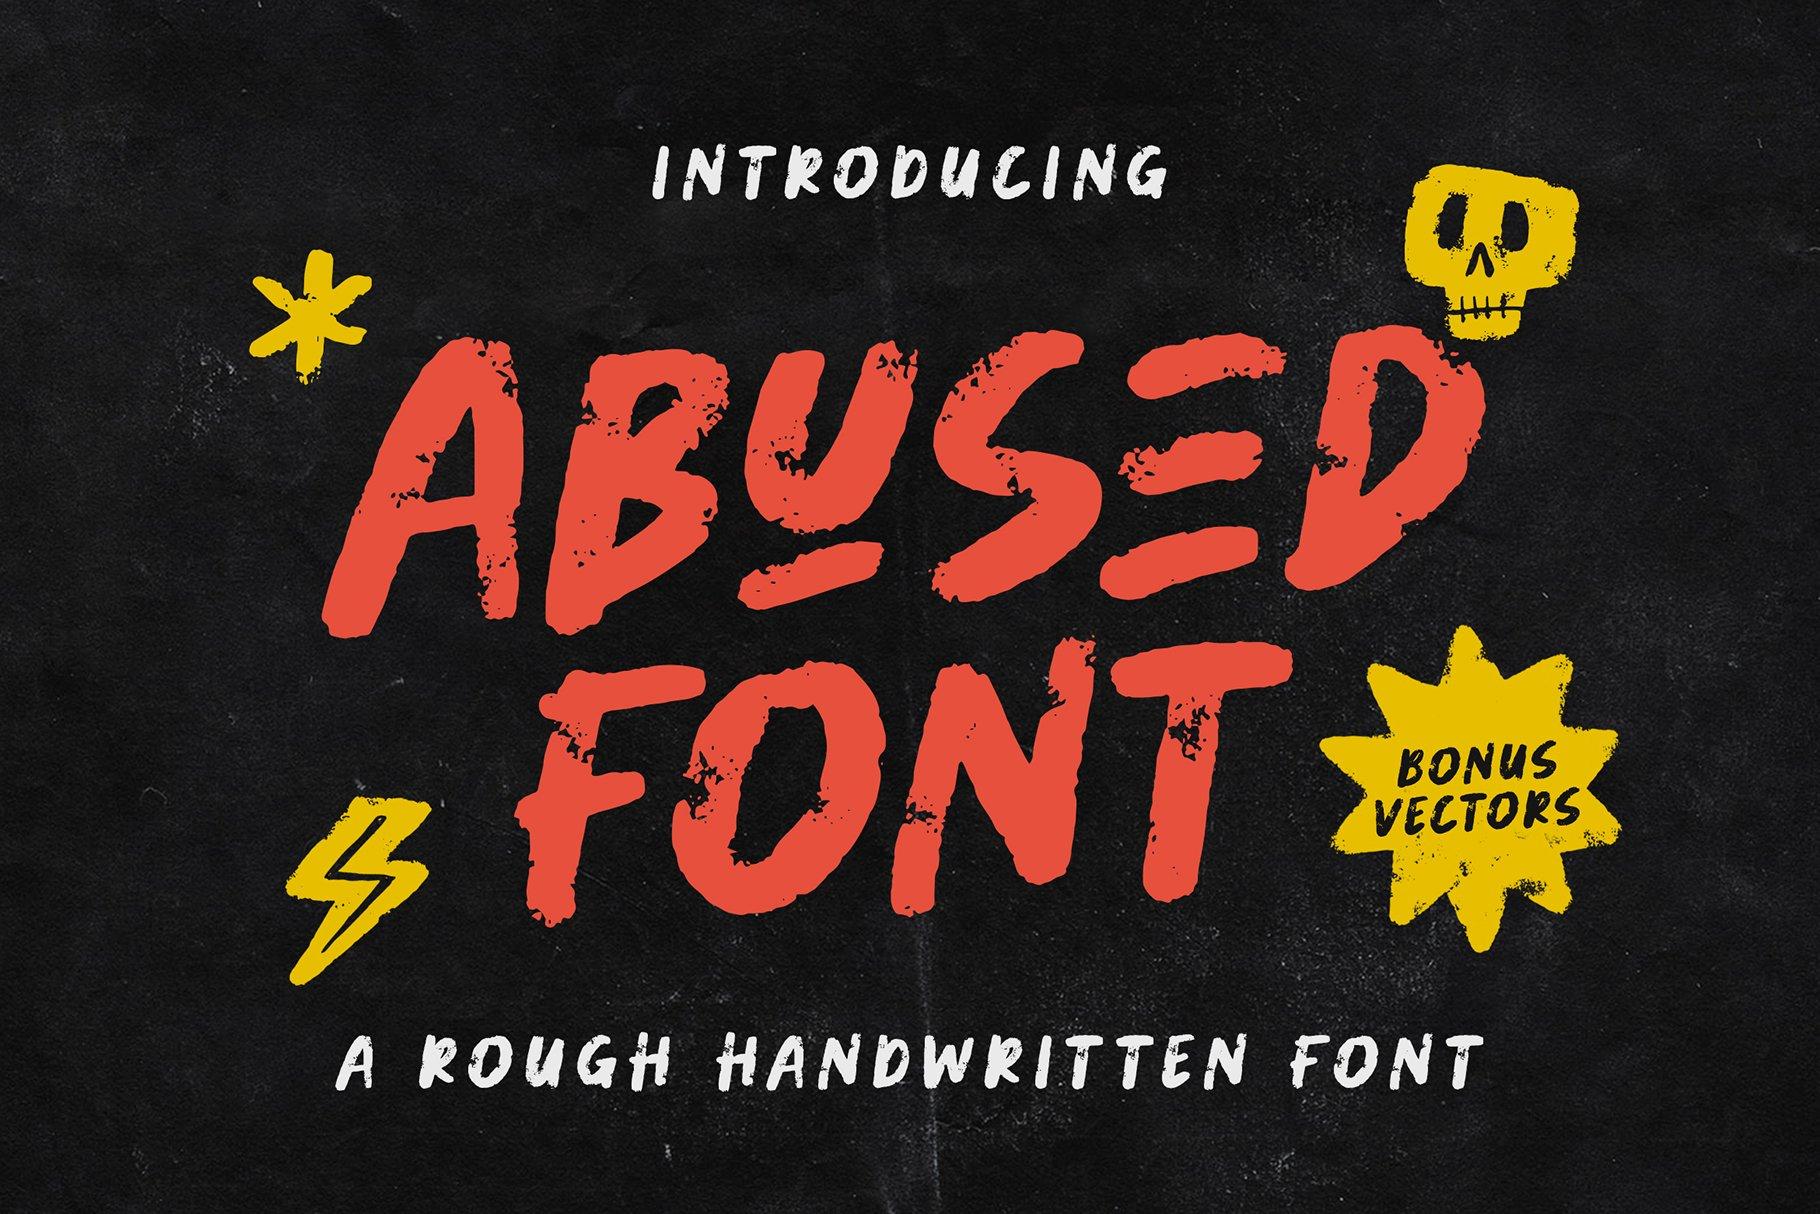 潮流粗糙手写杂志海报品牌Logo标题英文字体设计素材 Abused Font插图